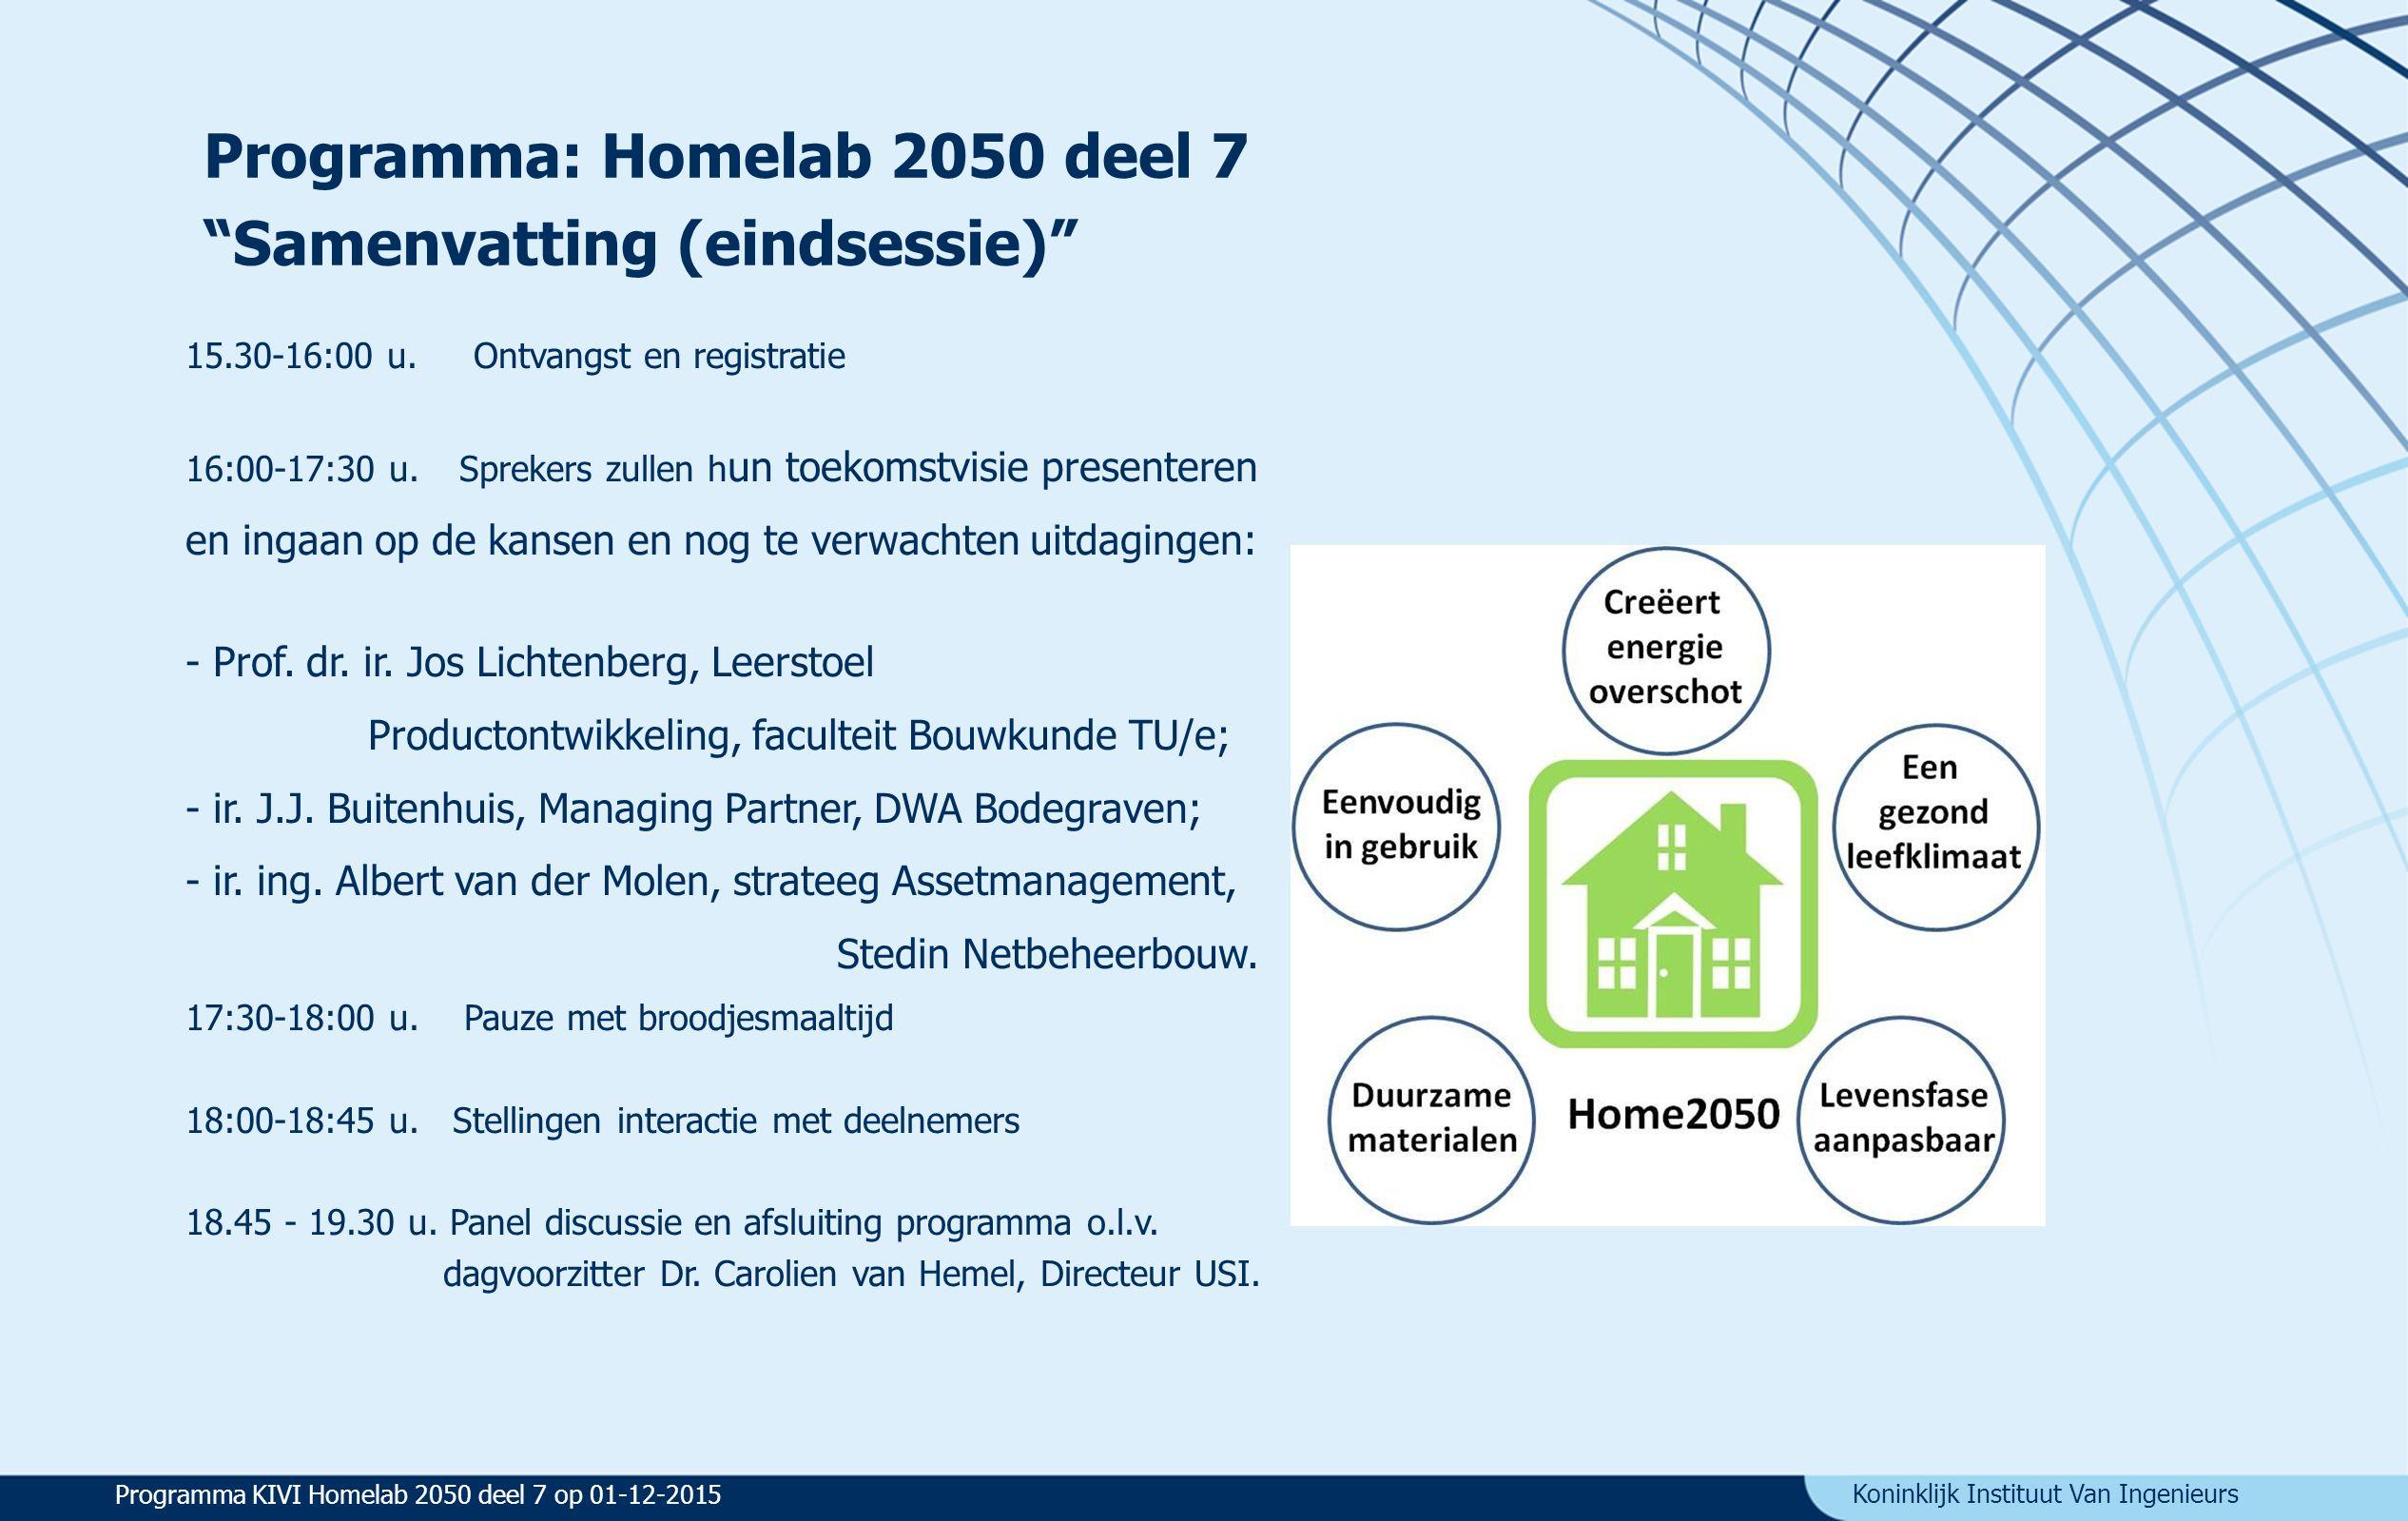 Koninklijk Instituut Van Ingenieurs Programma: Homelab 2050 deel 7 Samenvatting (eindsessie) 15.30-16:00 u.